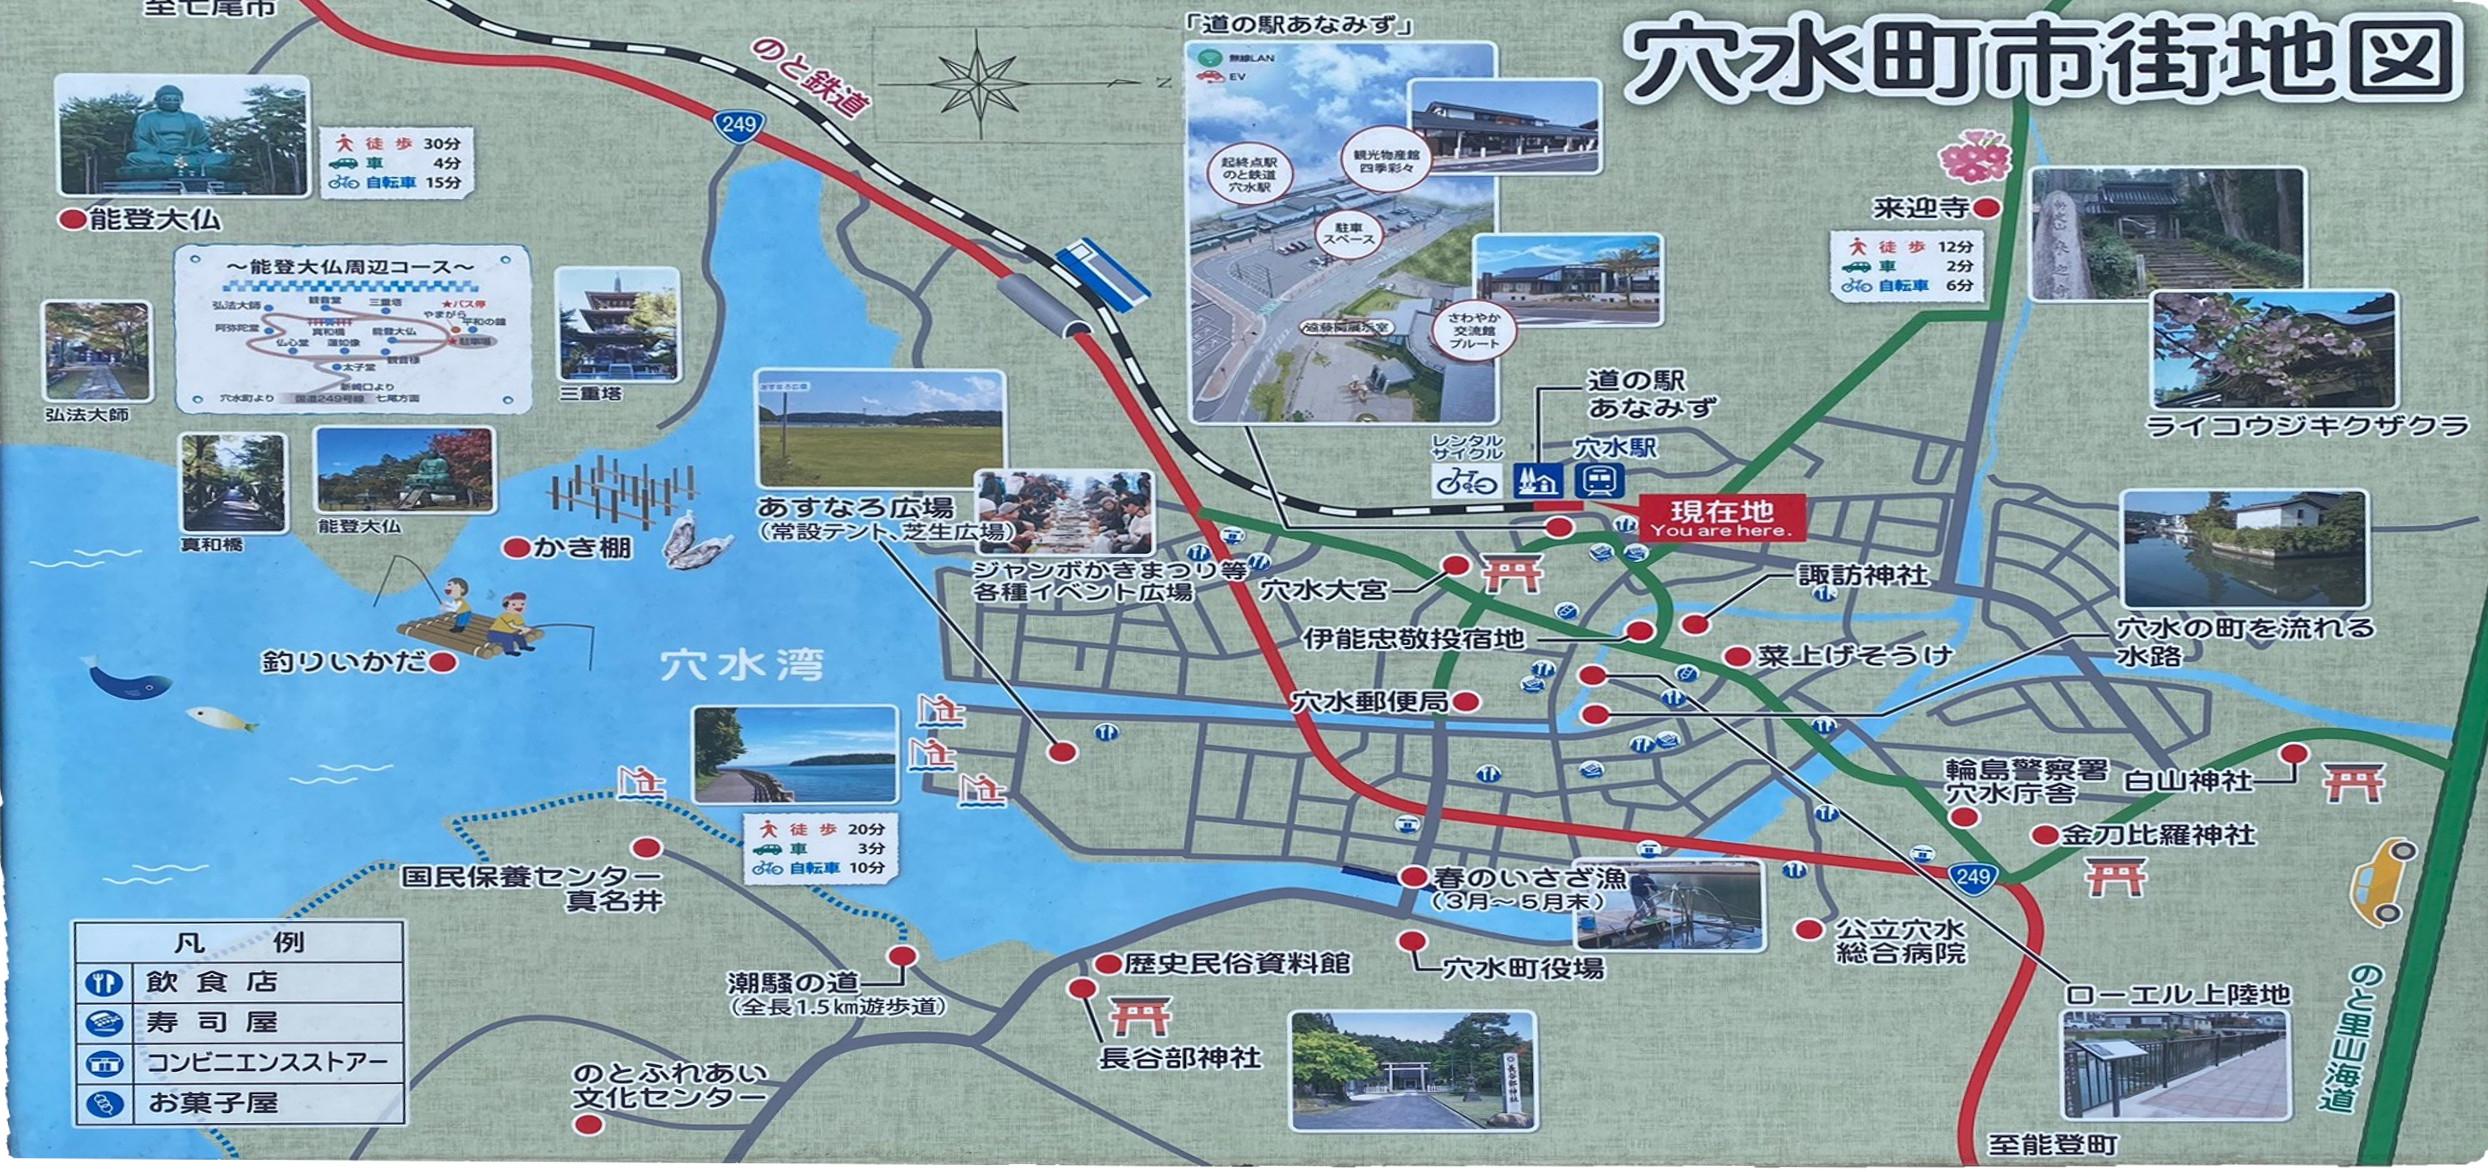 穴水町市街図